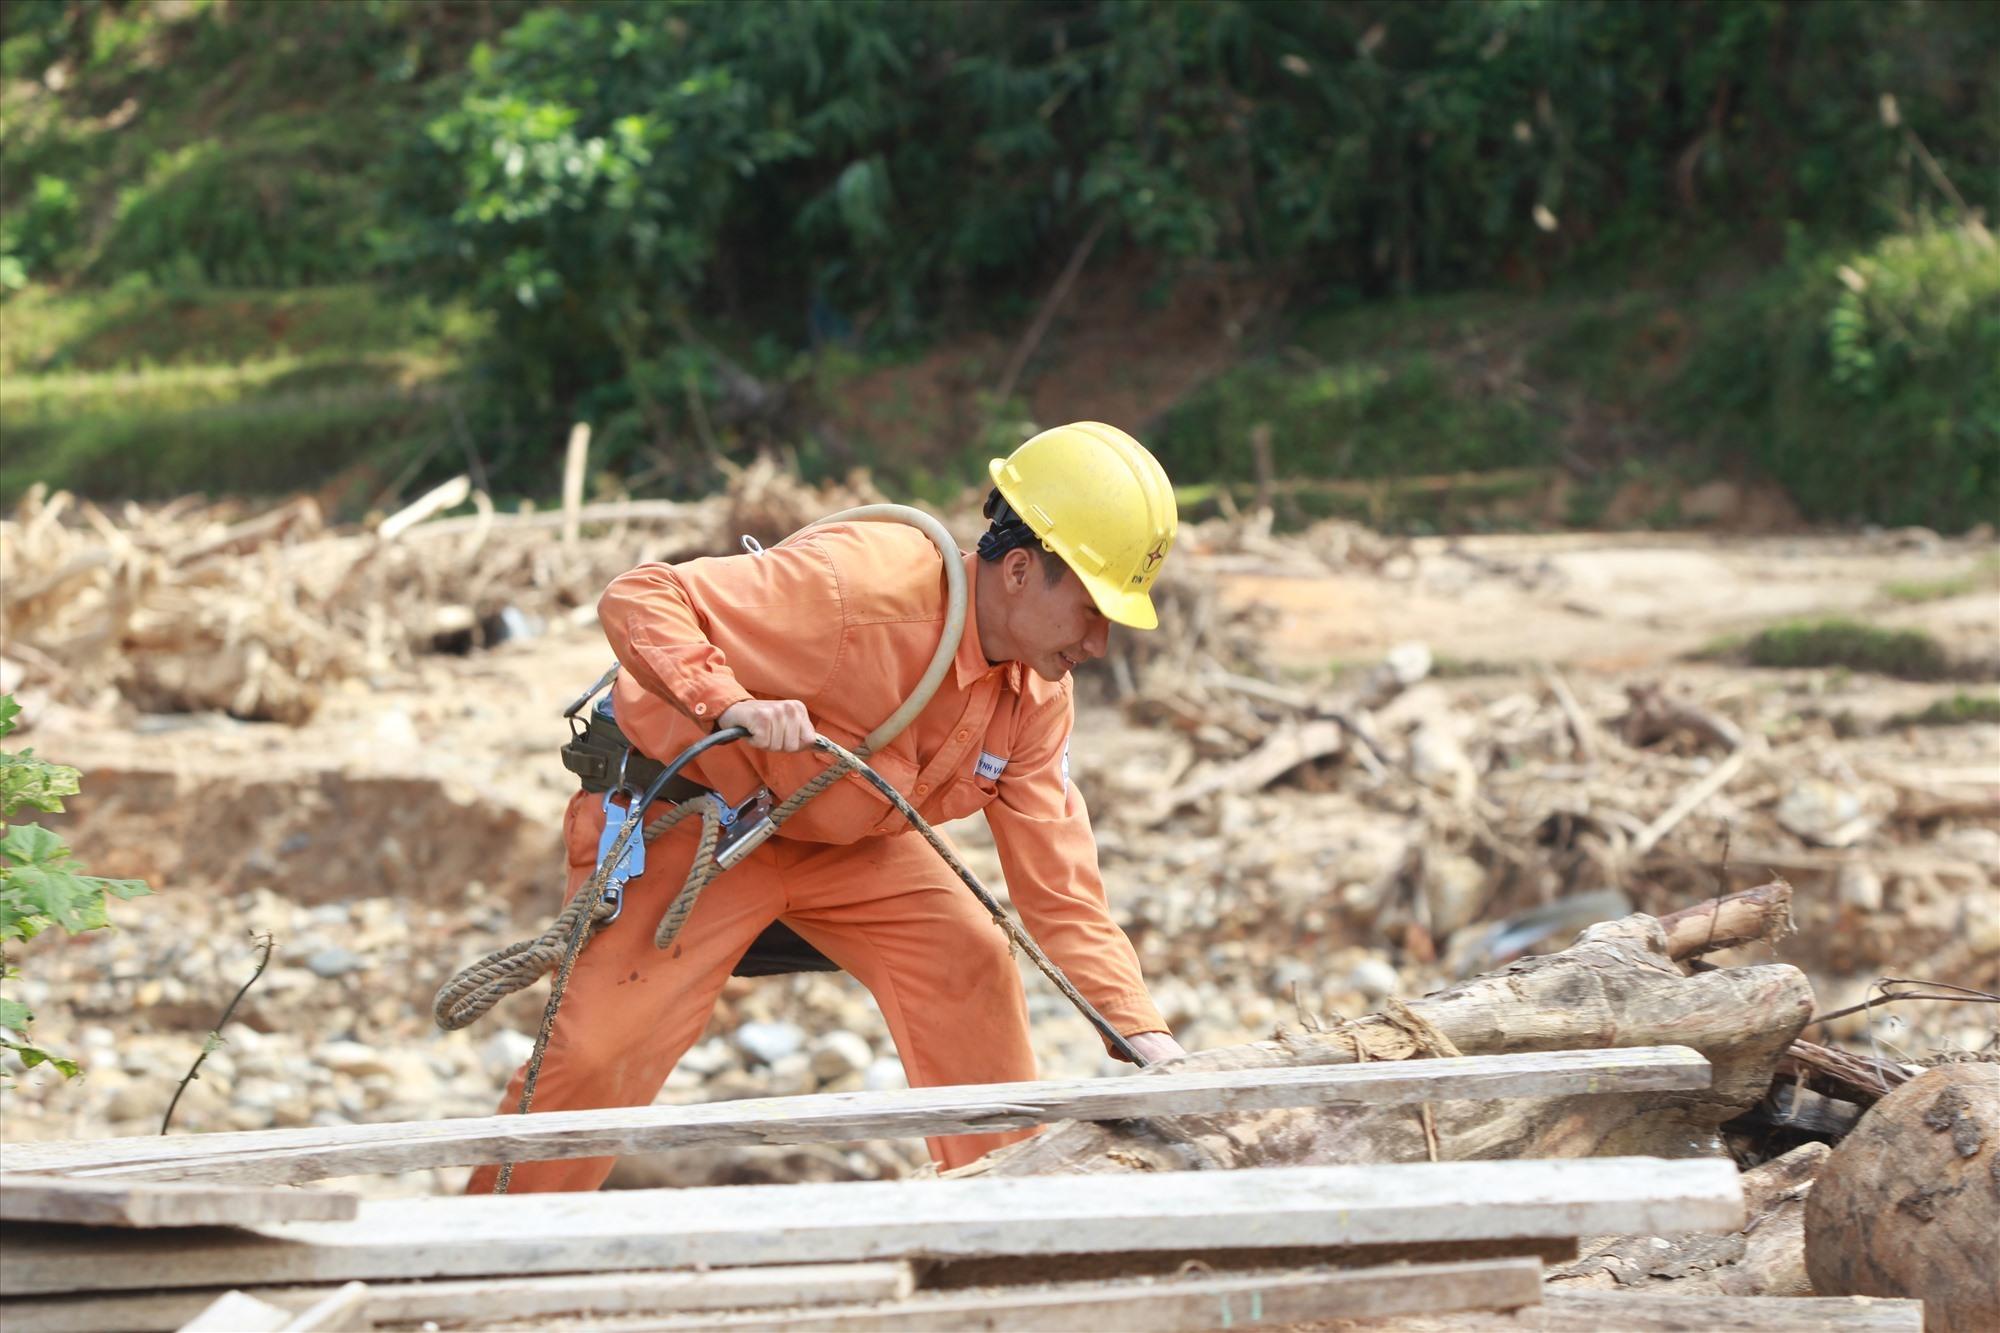 Nhân viên Điện lực Hiệp Đức có mặt tại xã Phước Thành, triển khai khắc phục sự cố ngay sau khi đường sá được thông trở lại mùa bão lũ năm 2020. Ảnh: T.C